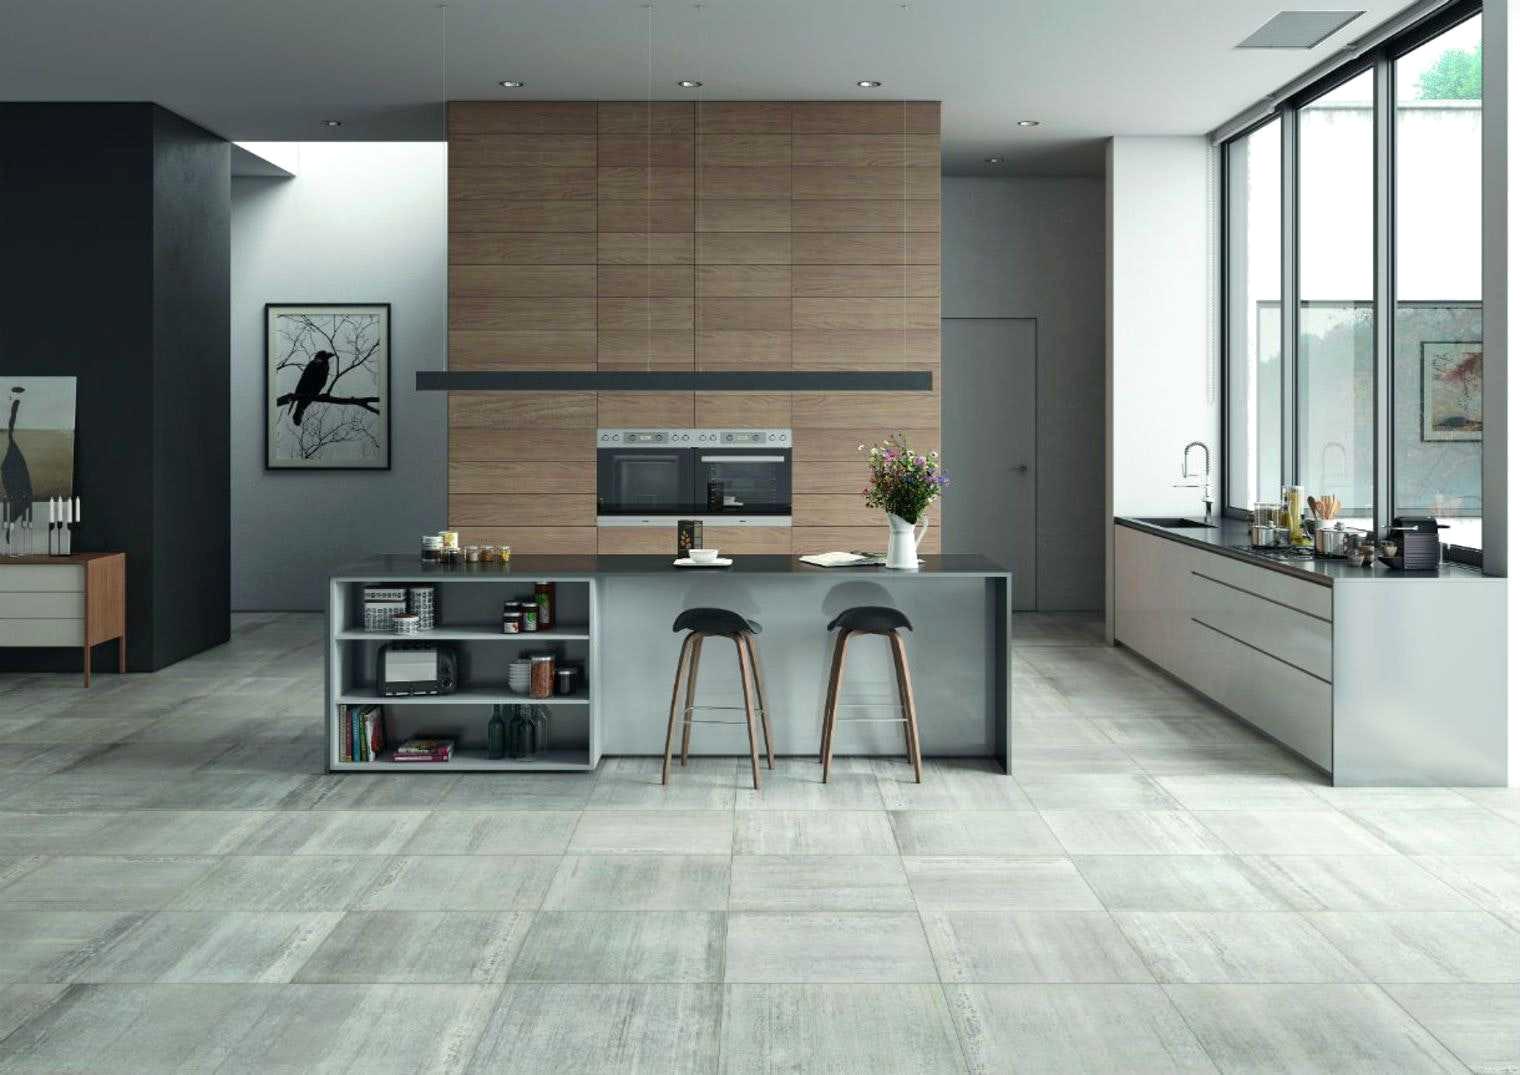 maison moderne carrelage. Black Bedroom Furniture Sets. Home Design Ideas